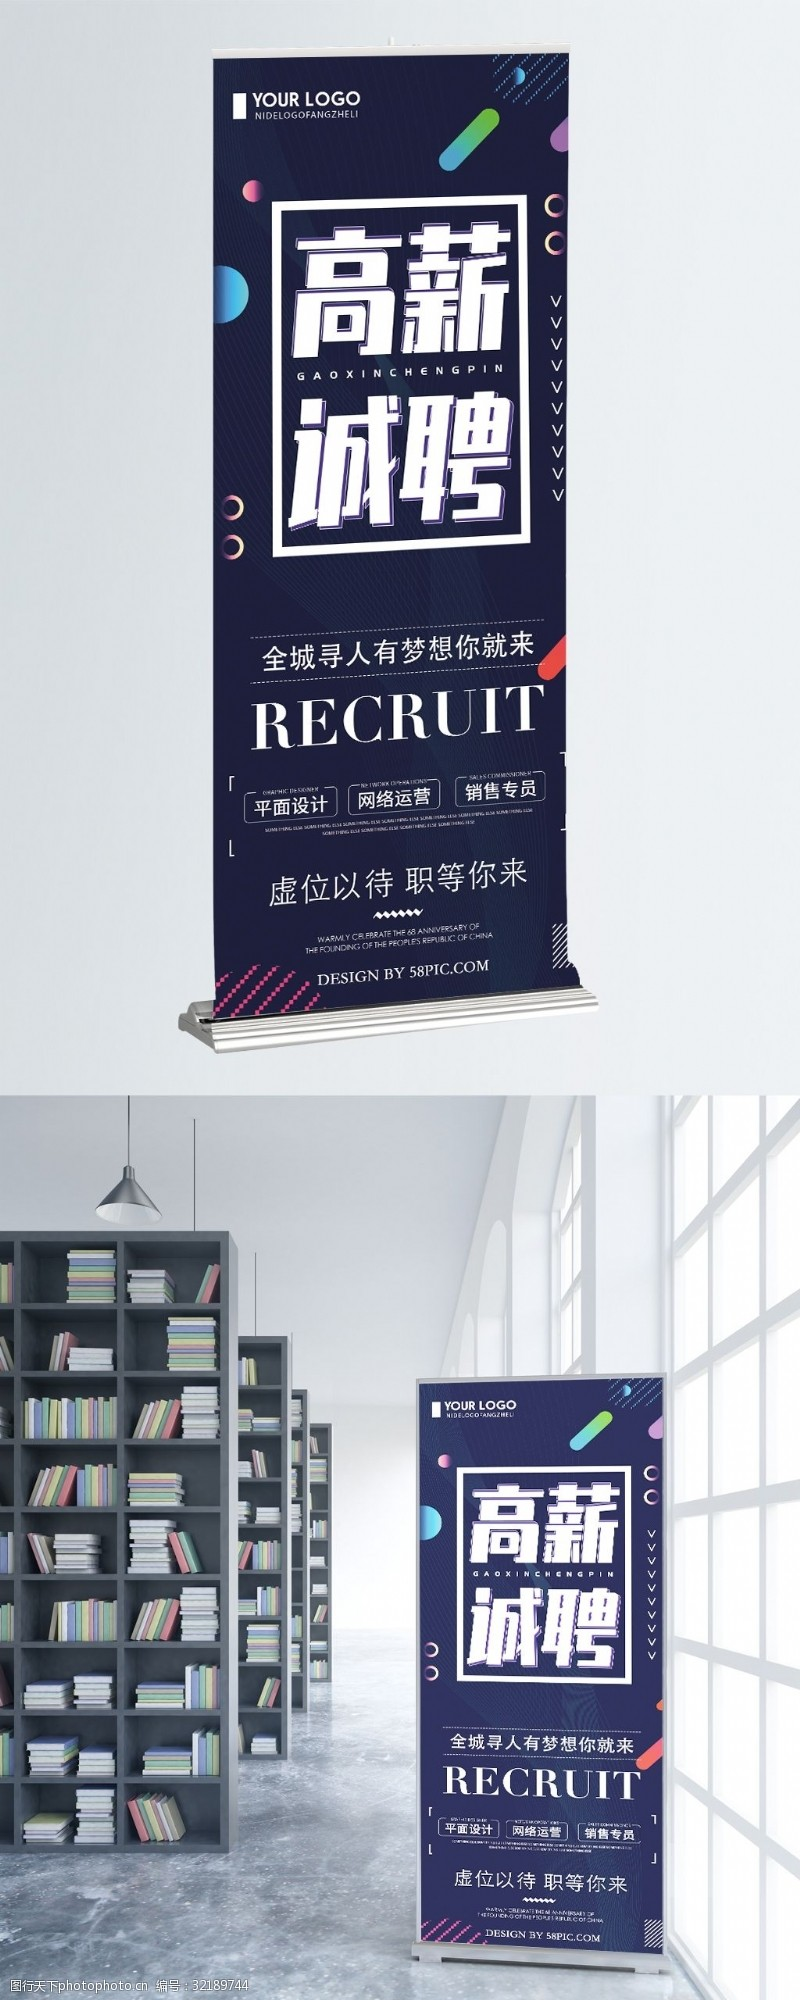 企业招聘易拉宝创意简约高薪诚聘企业招聘展架